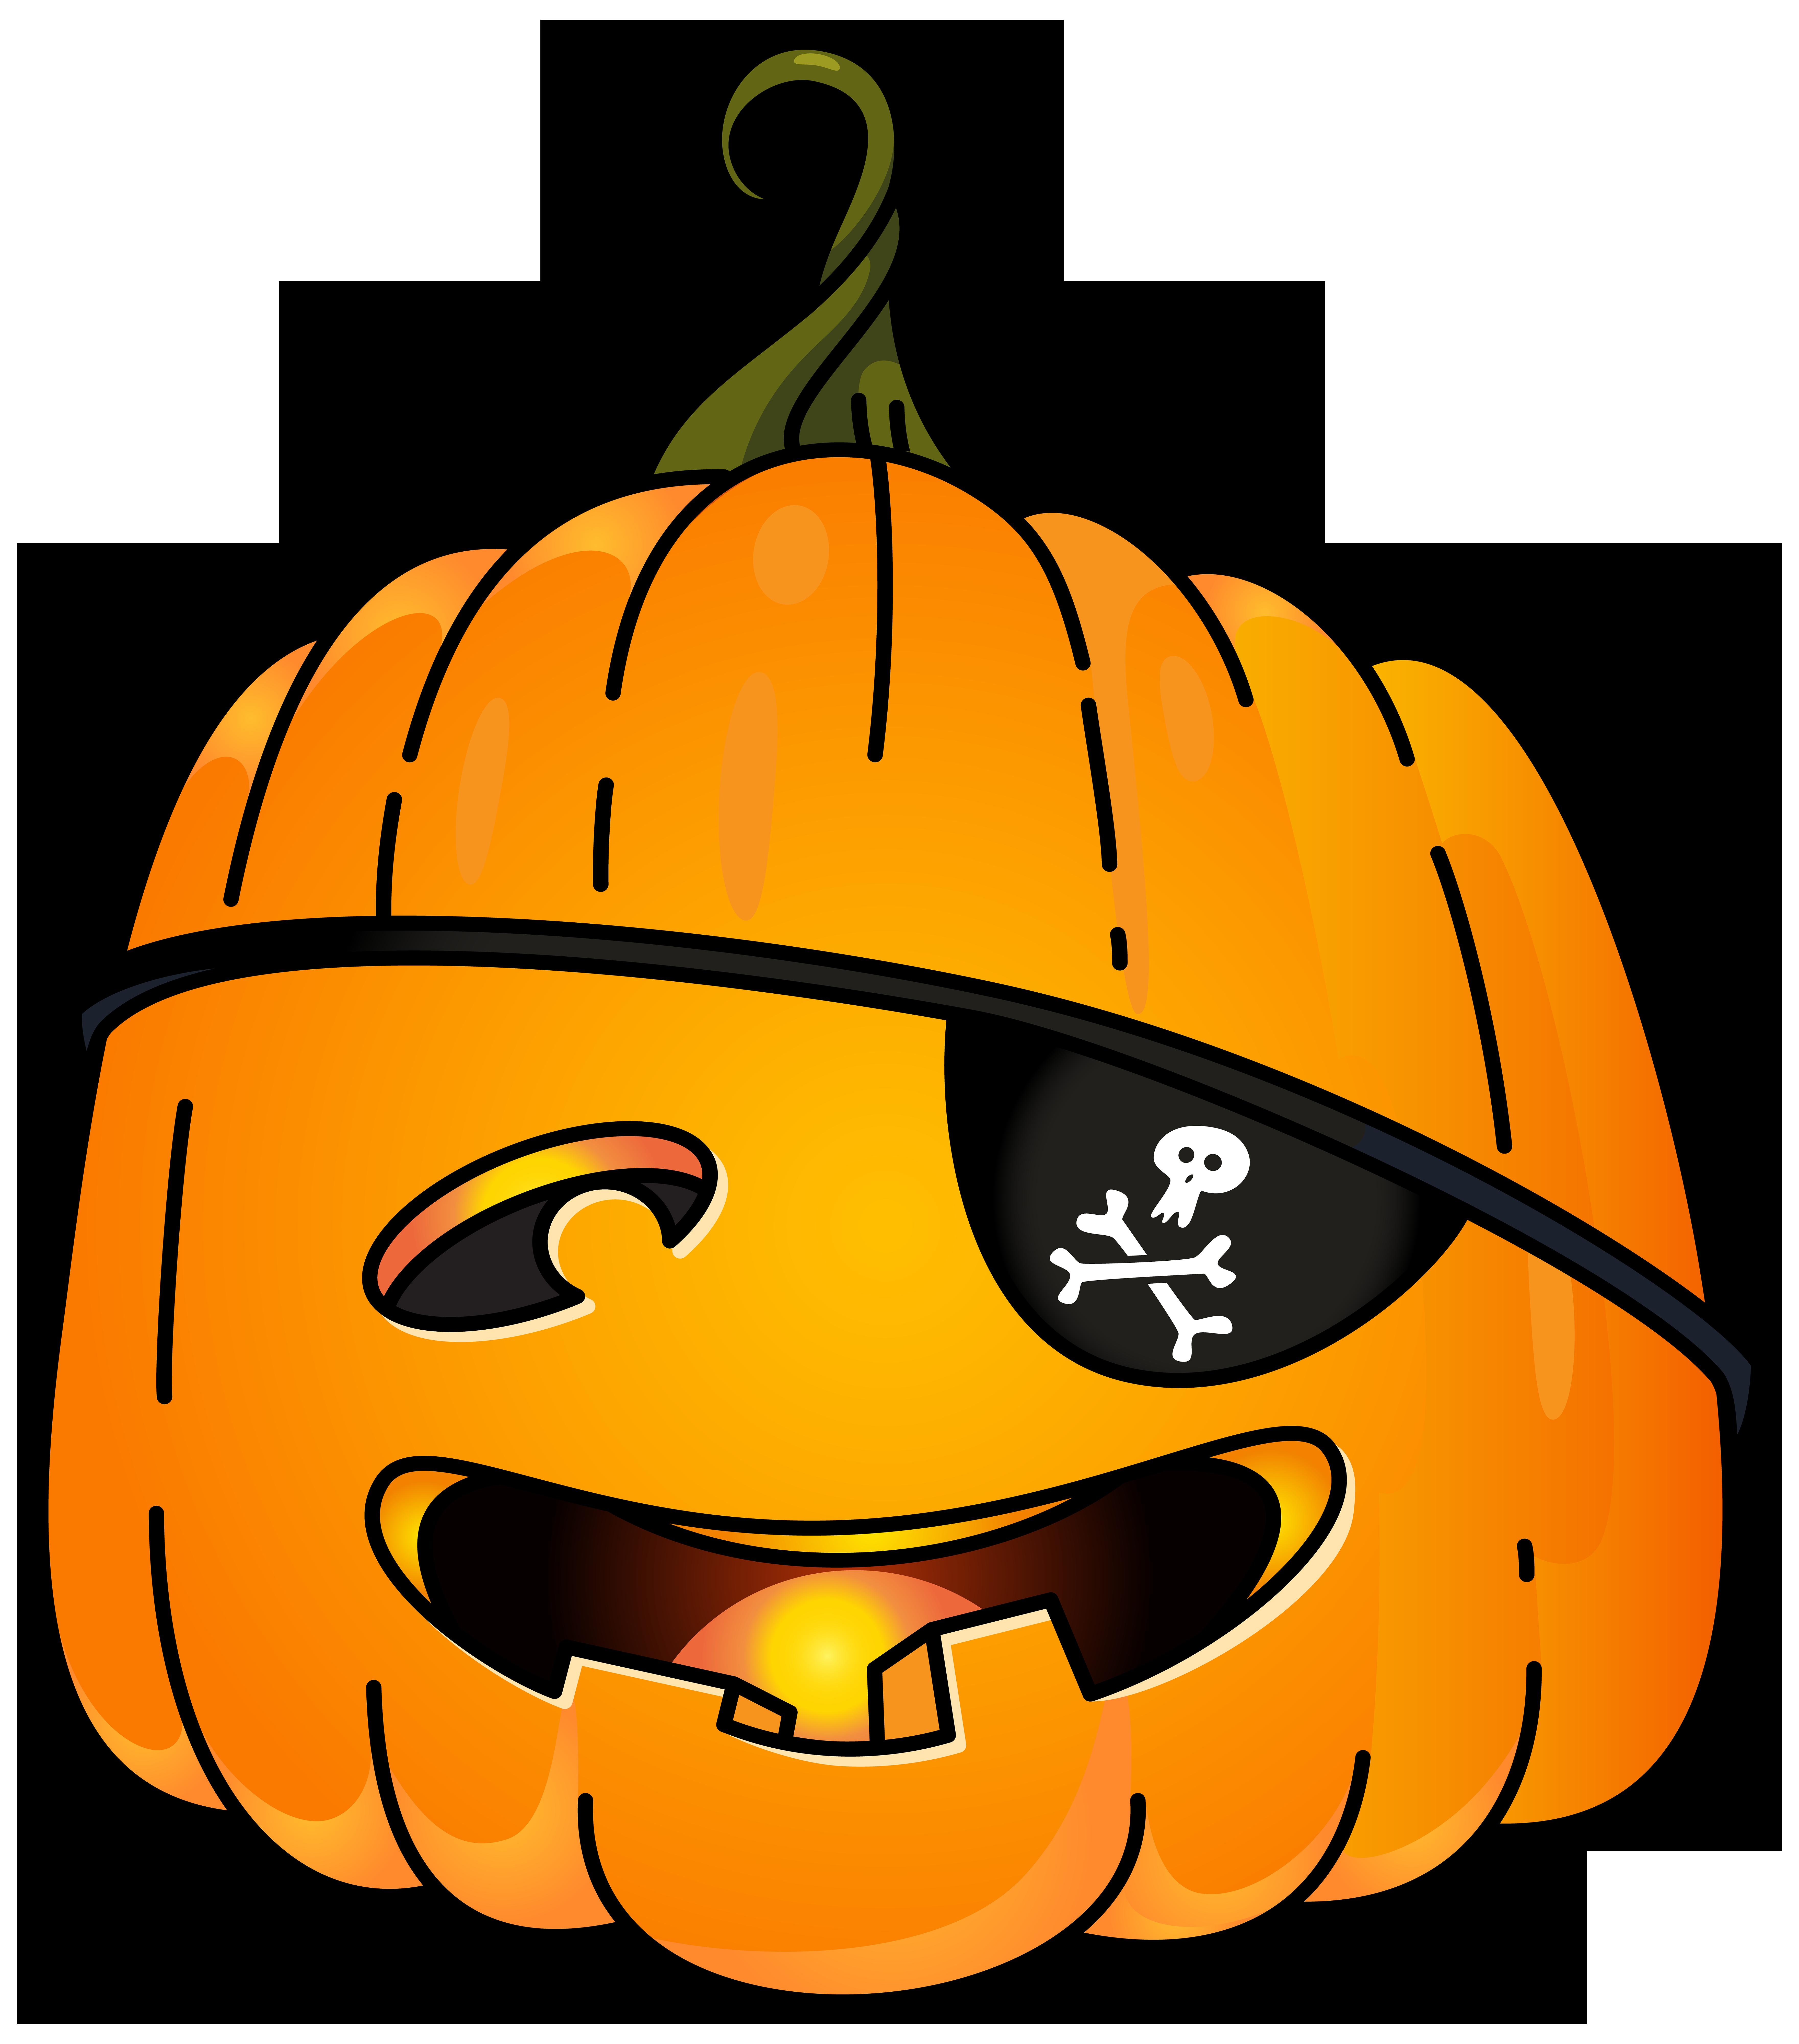 Halloween Pirate Pumpkin PNG Clip Art Image.